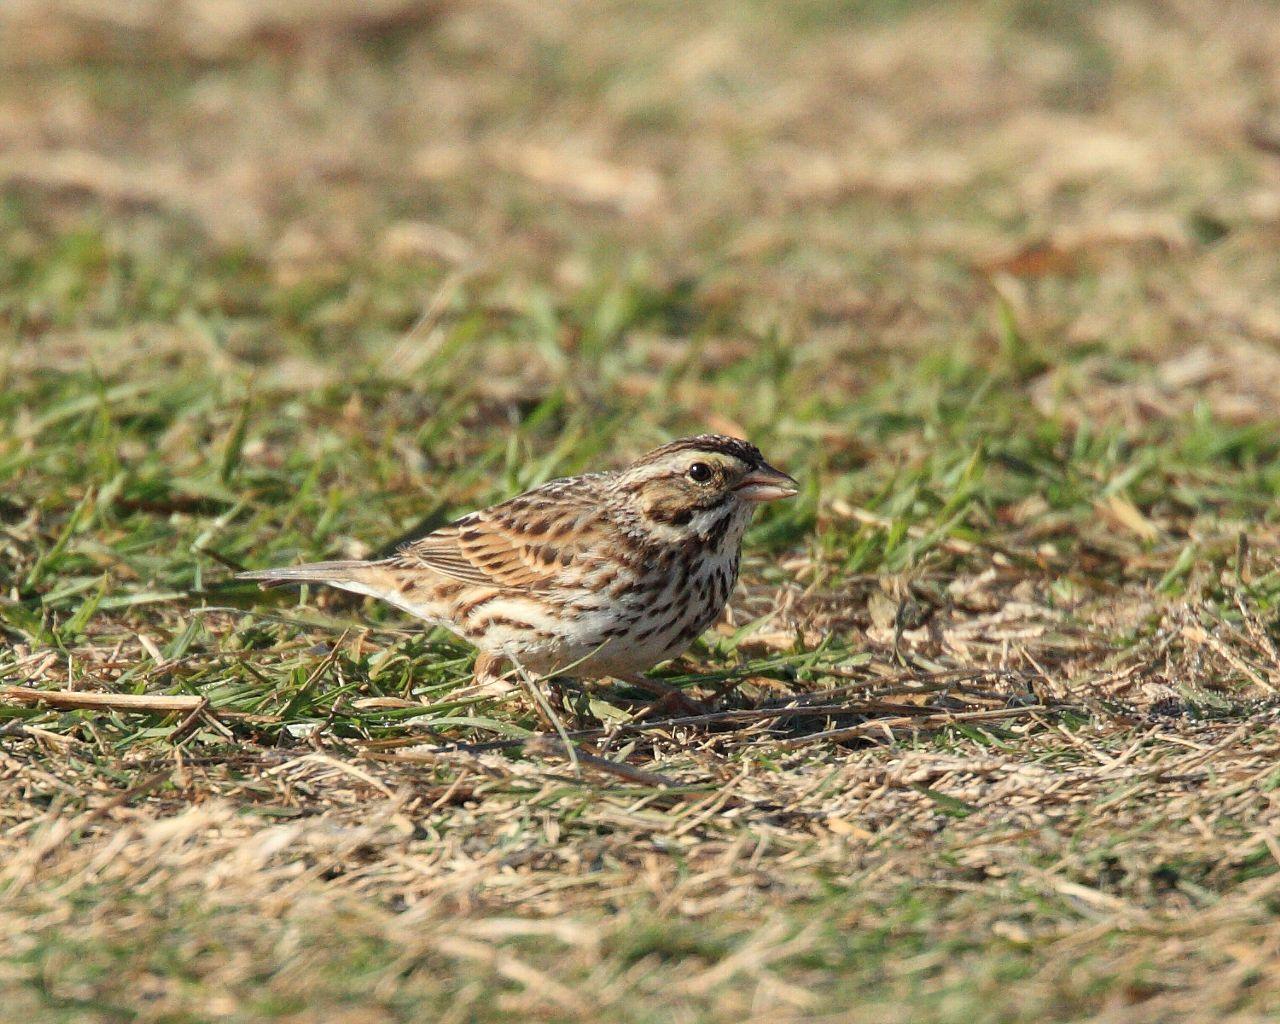 フロリダの鳥2013年春その4: 日本では珍鳥がそこらじゅうに!_f0105570_21575173.jpg